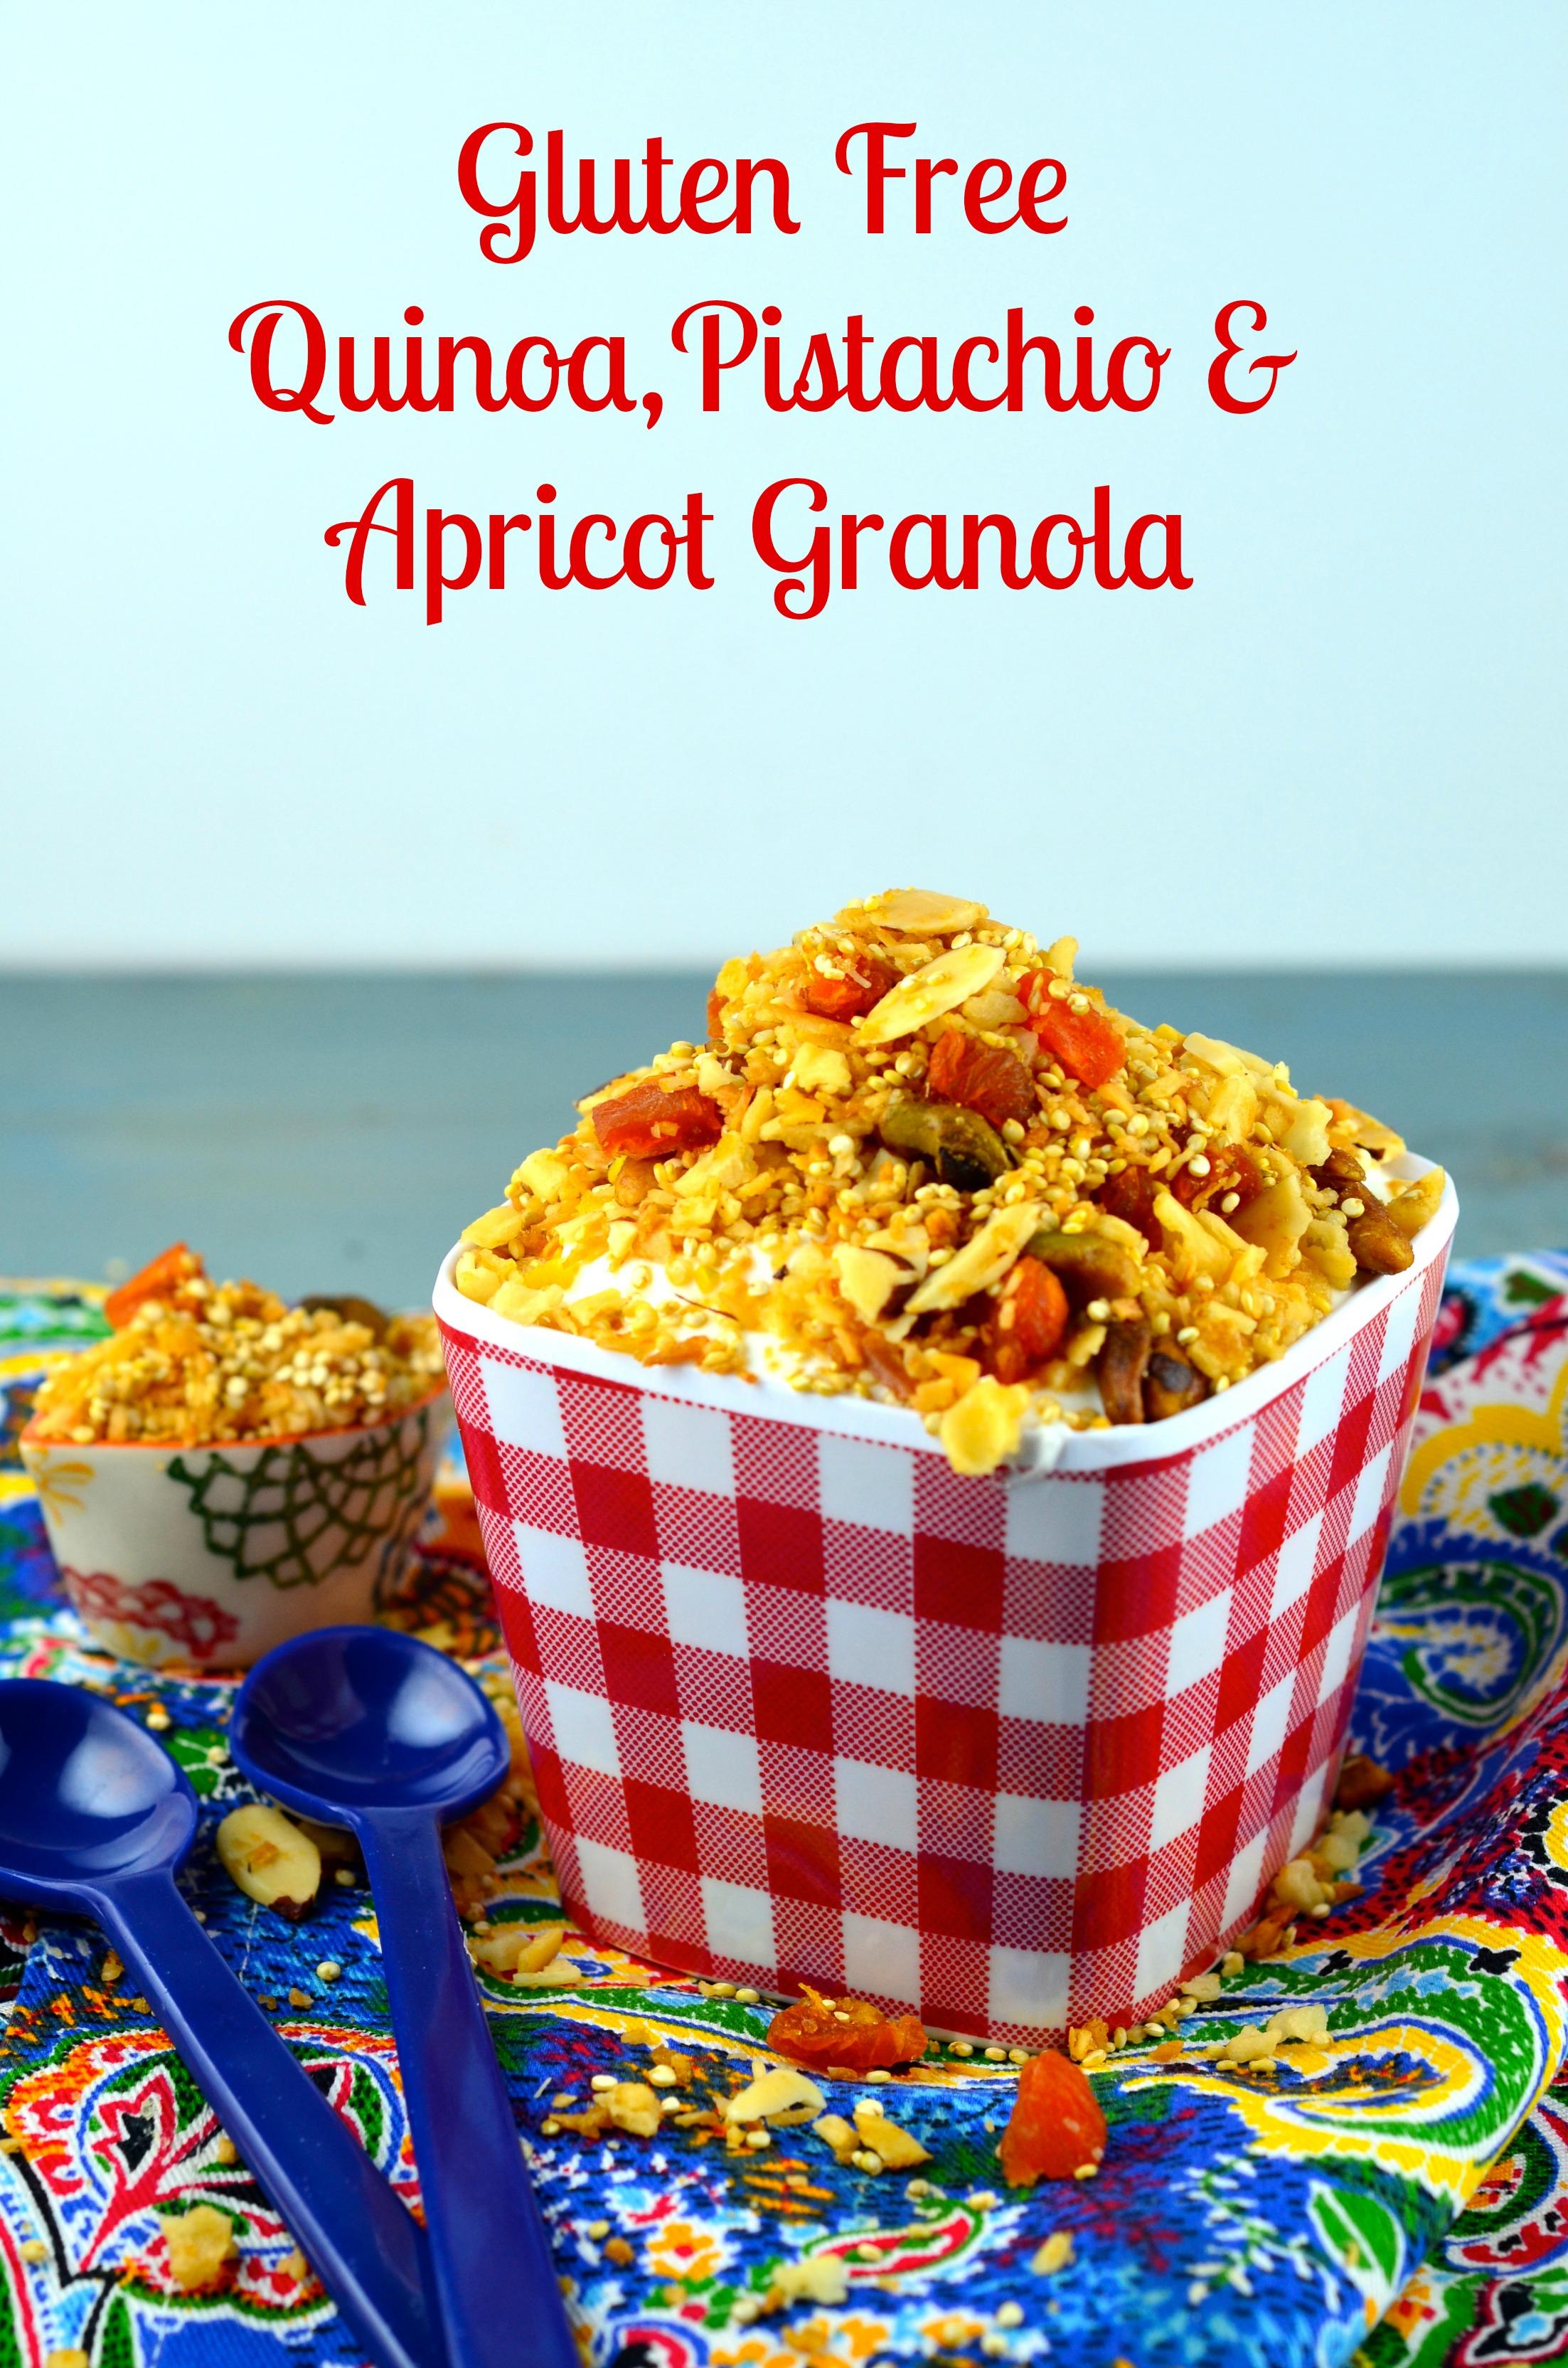 ... Pistachio, Almond & Apricot Quinoa Granola | May I Have That Recipe